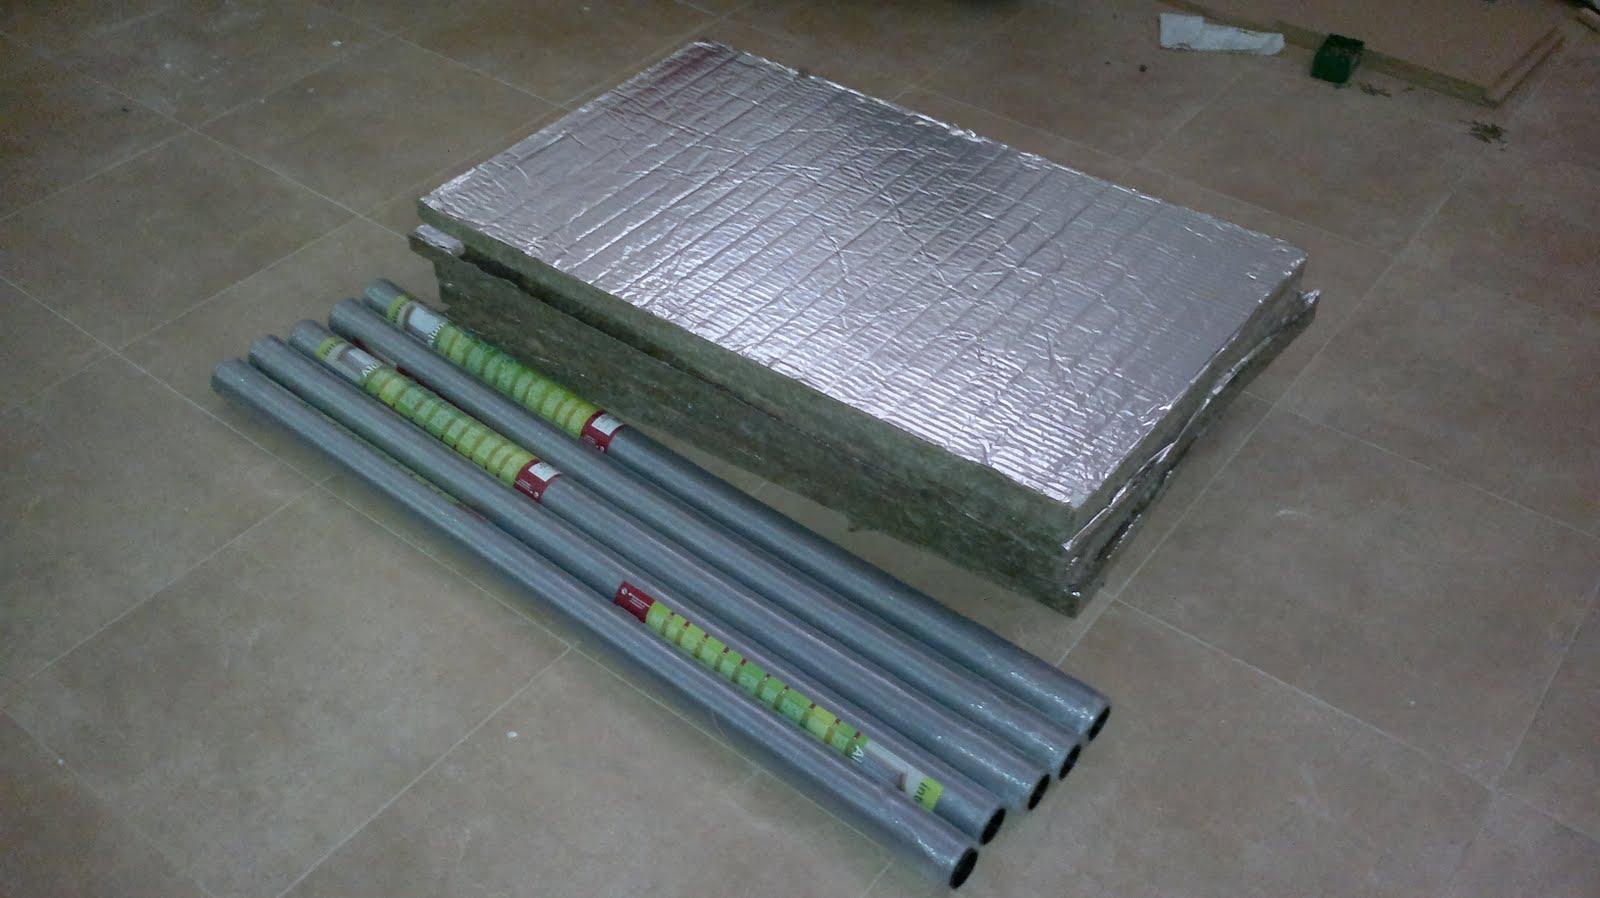 Aicanduit empezando con el proyecto de calefaccion solar - Calefaccion por aire ...